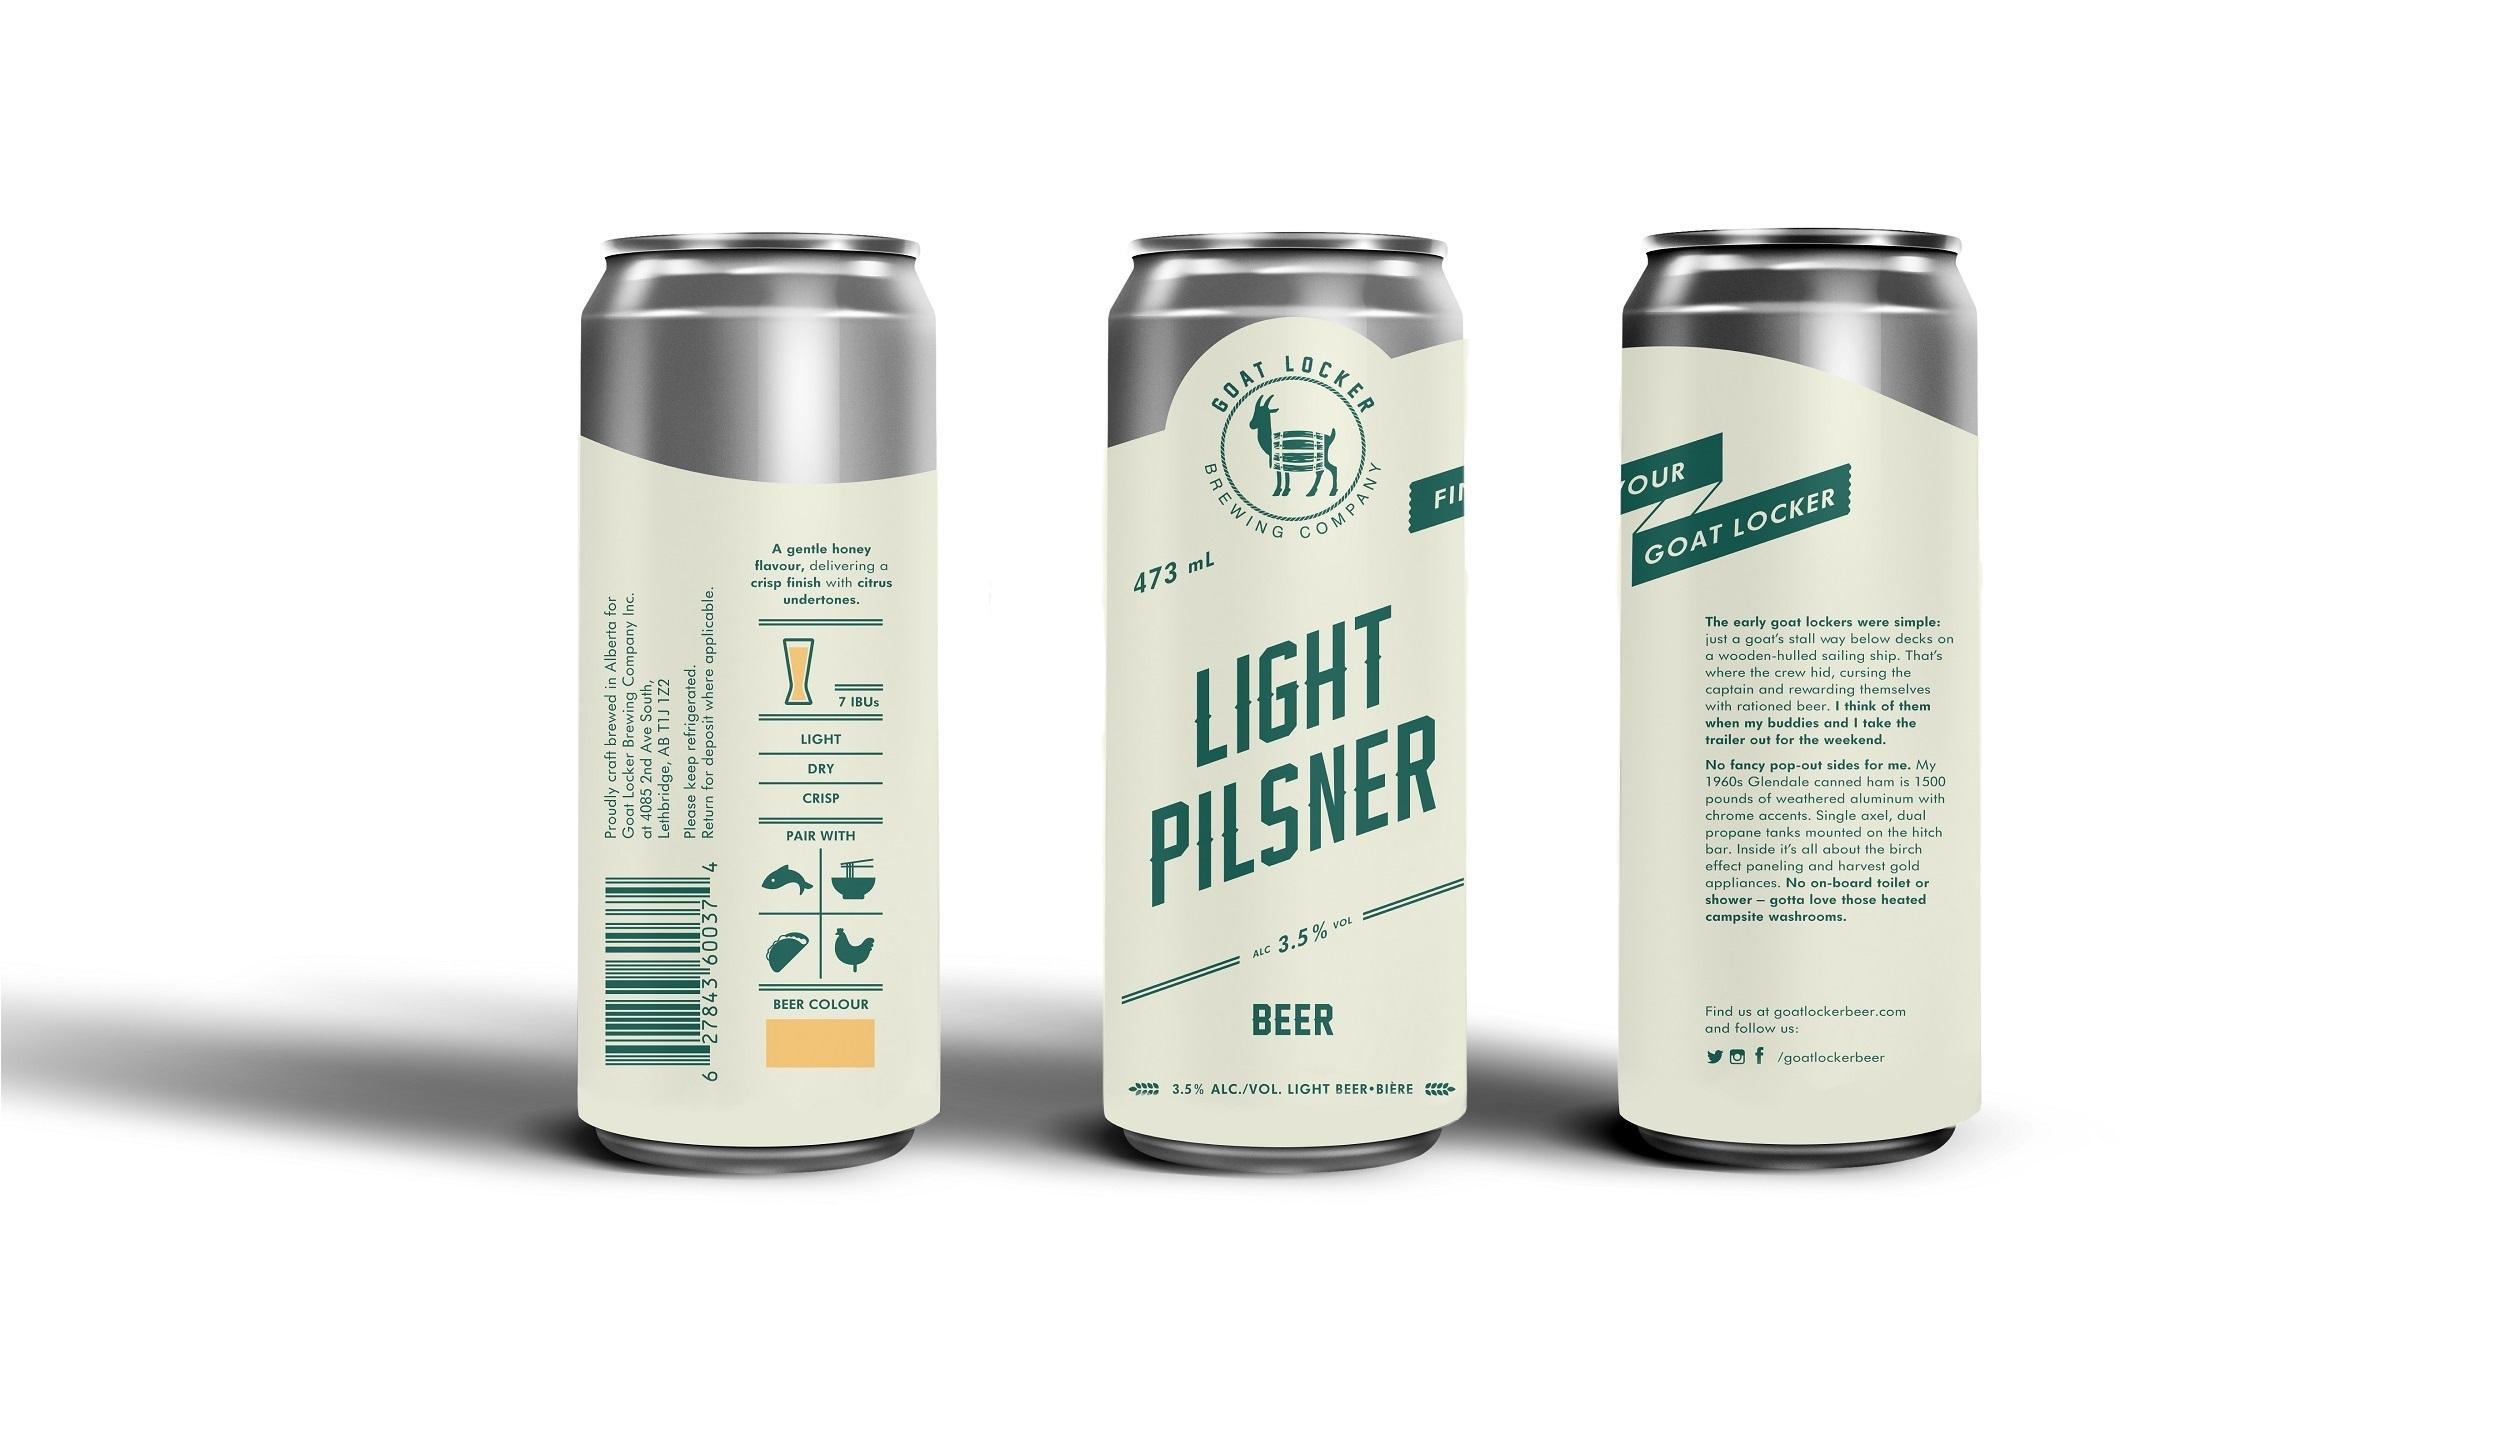 GL Light Pilsner Cans - 300 dpi resized.jpg